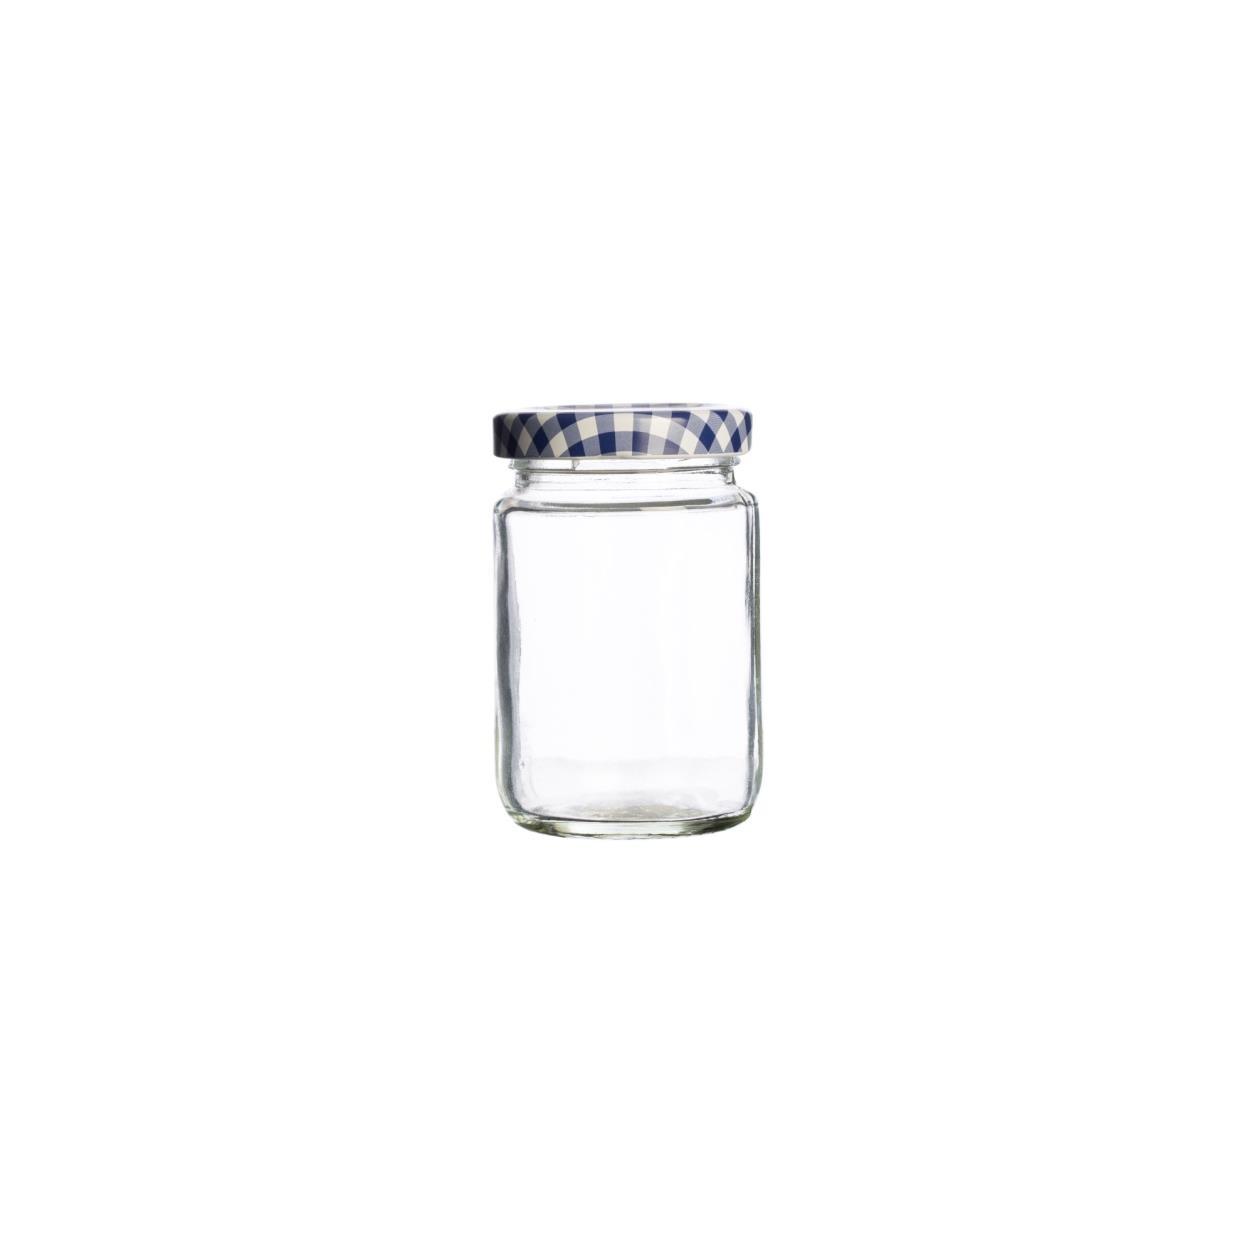 KILNER kulatá sklenice 93 ml, šroubovací - Kilner